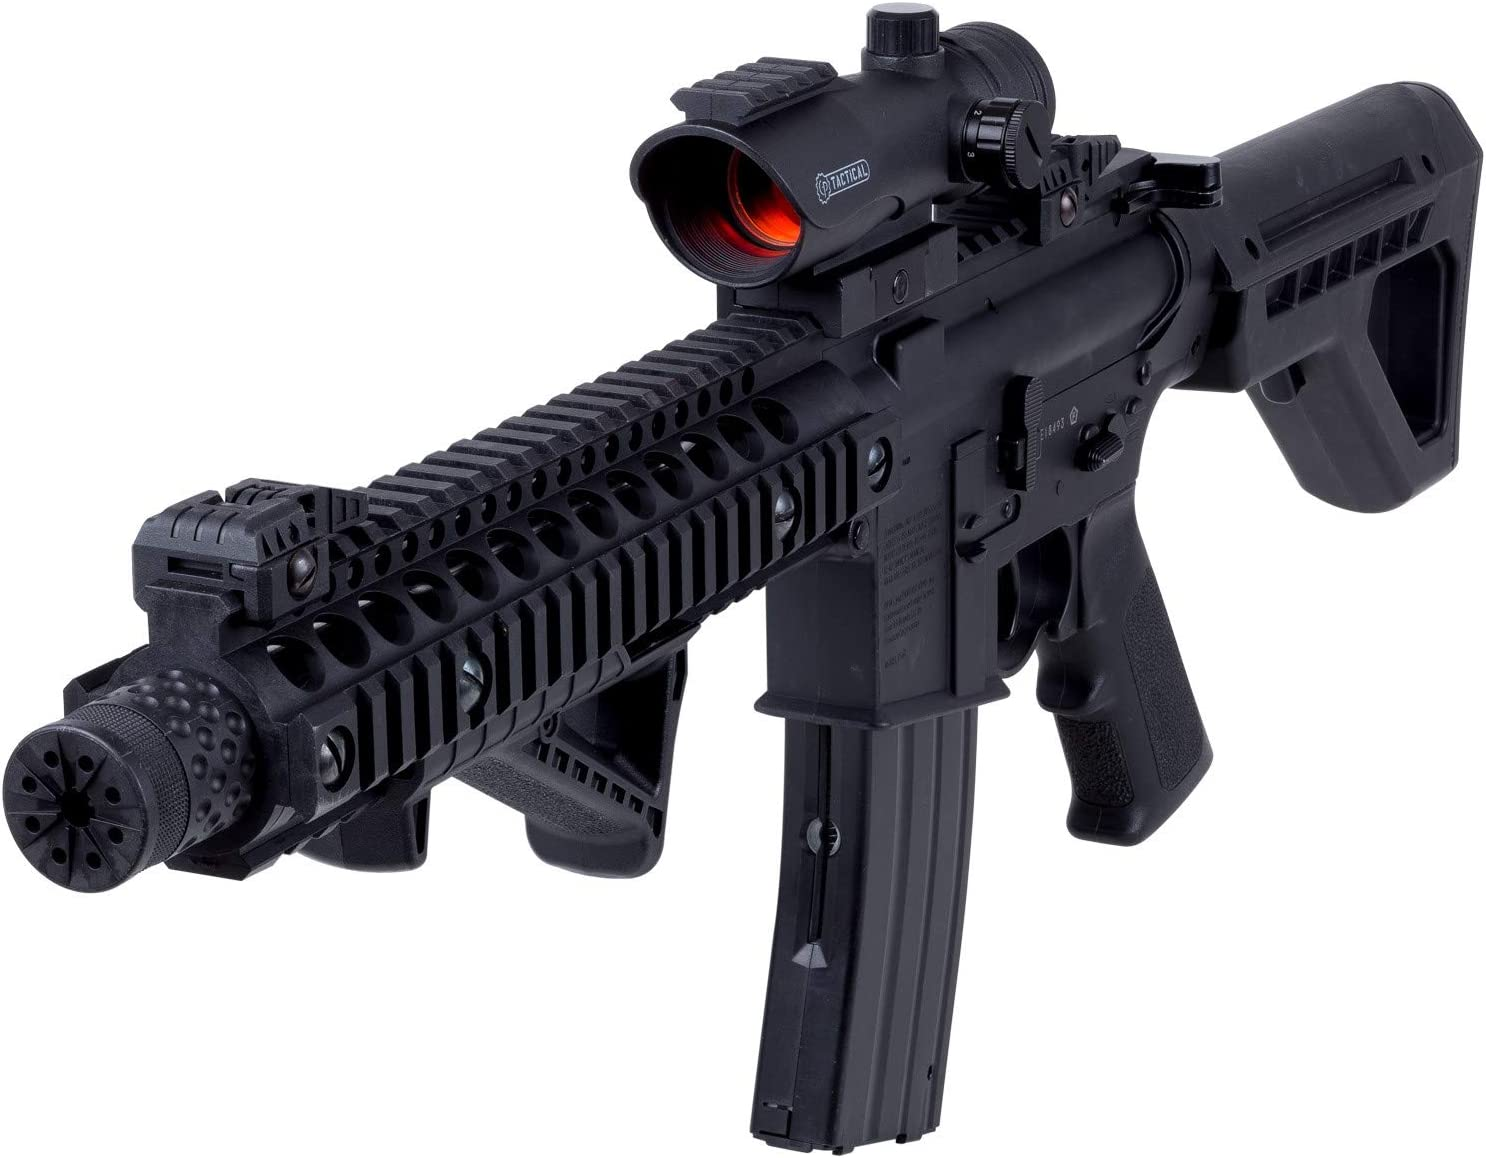 Crosman DPMS SBR Full-Auto BB Air Rifle kit